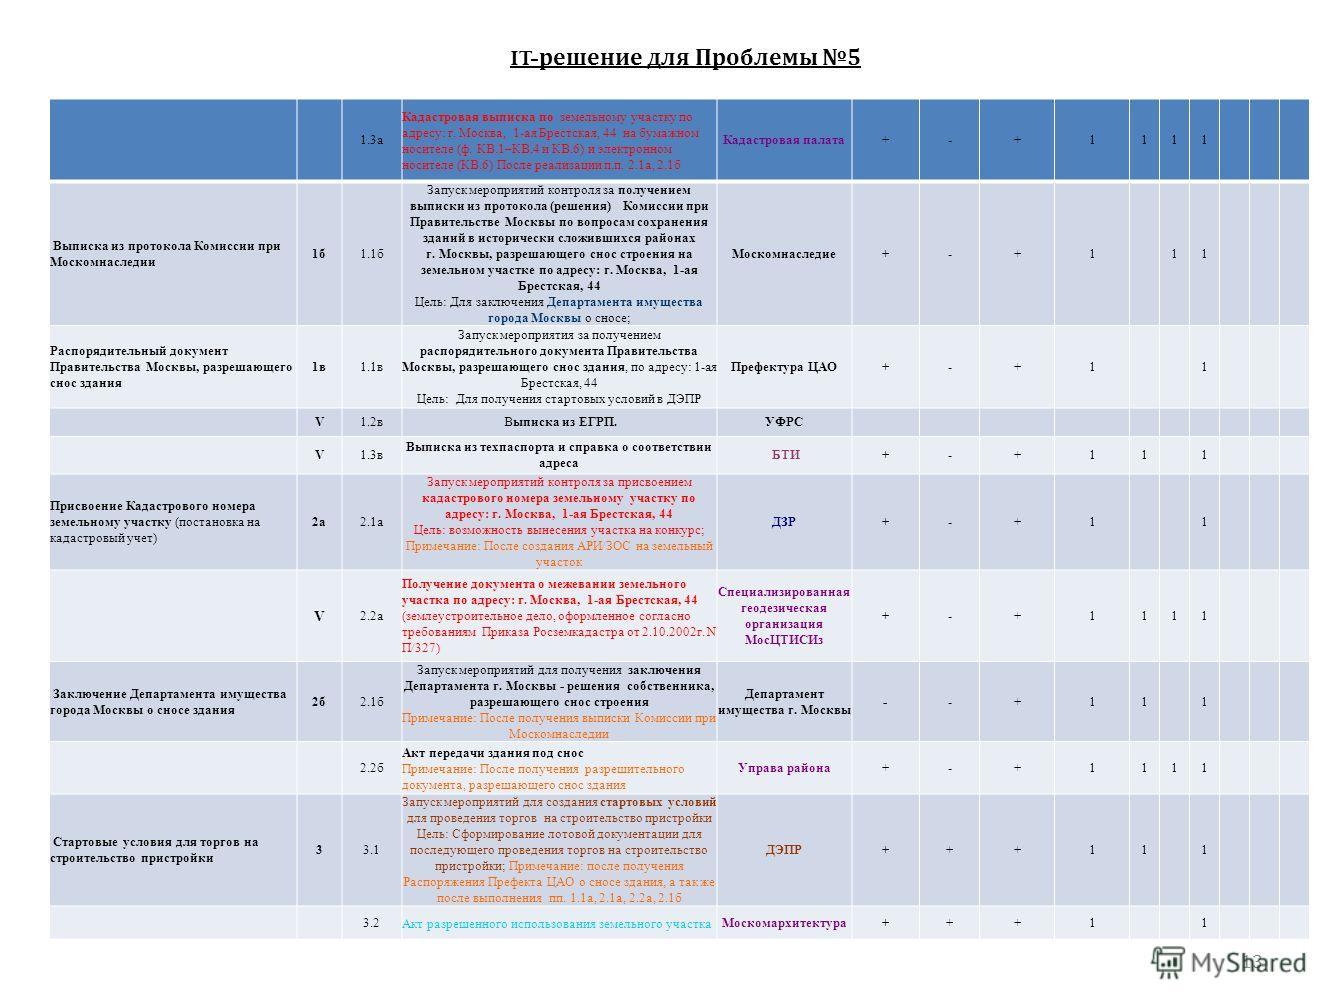 13 1.3а Кадастровая выписка по земельному участку по адресу: г. Москва, 1-ая Брестская, 44 на бумажном носителе (ф. КВ.1–КВ.4 и КВ.6) и электронном носителе (КВ.6) После реализации п.п. 2.1а, 2.1б Кадастровая палата+-+1111 Выписка из протокола Комисс